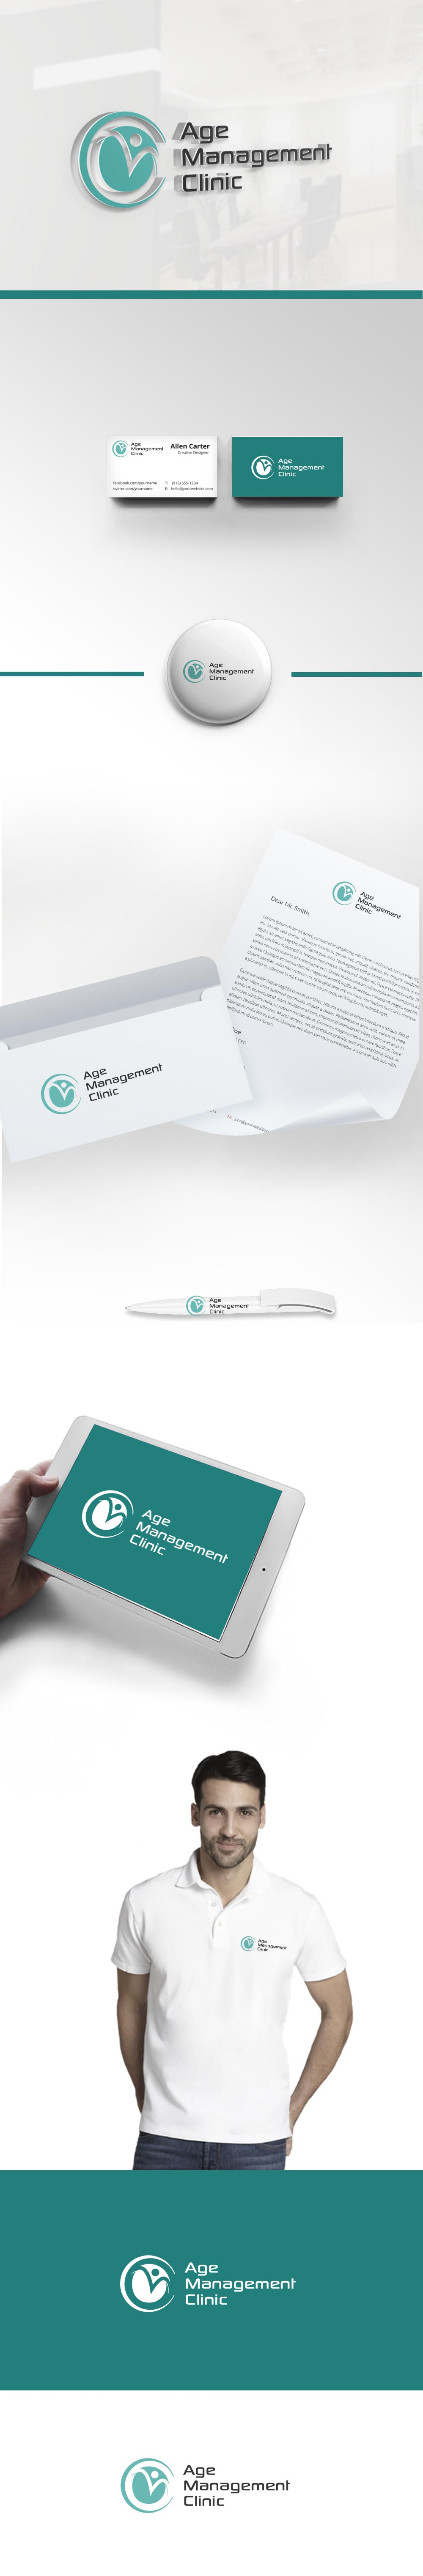 Логотип для медицинского центра (клиники)  фото f_0215b9ffe56d7659.jpg